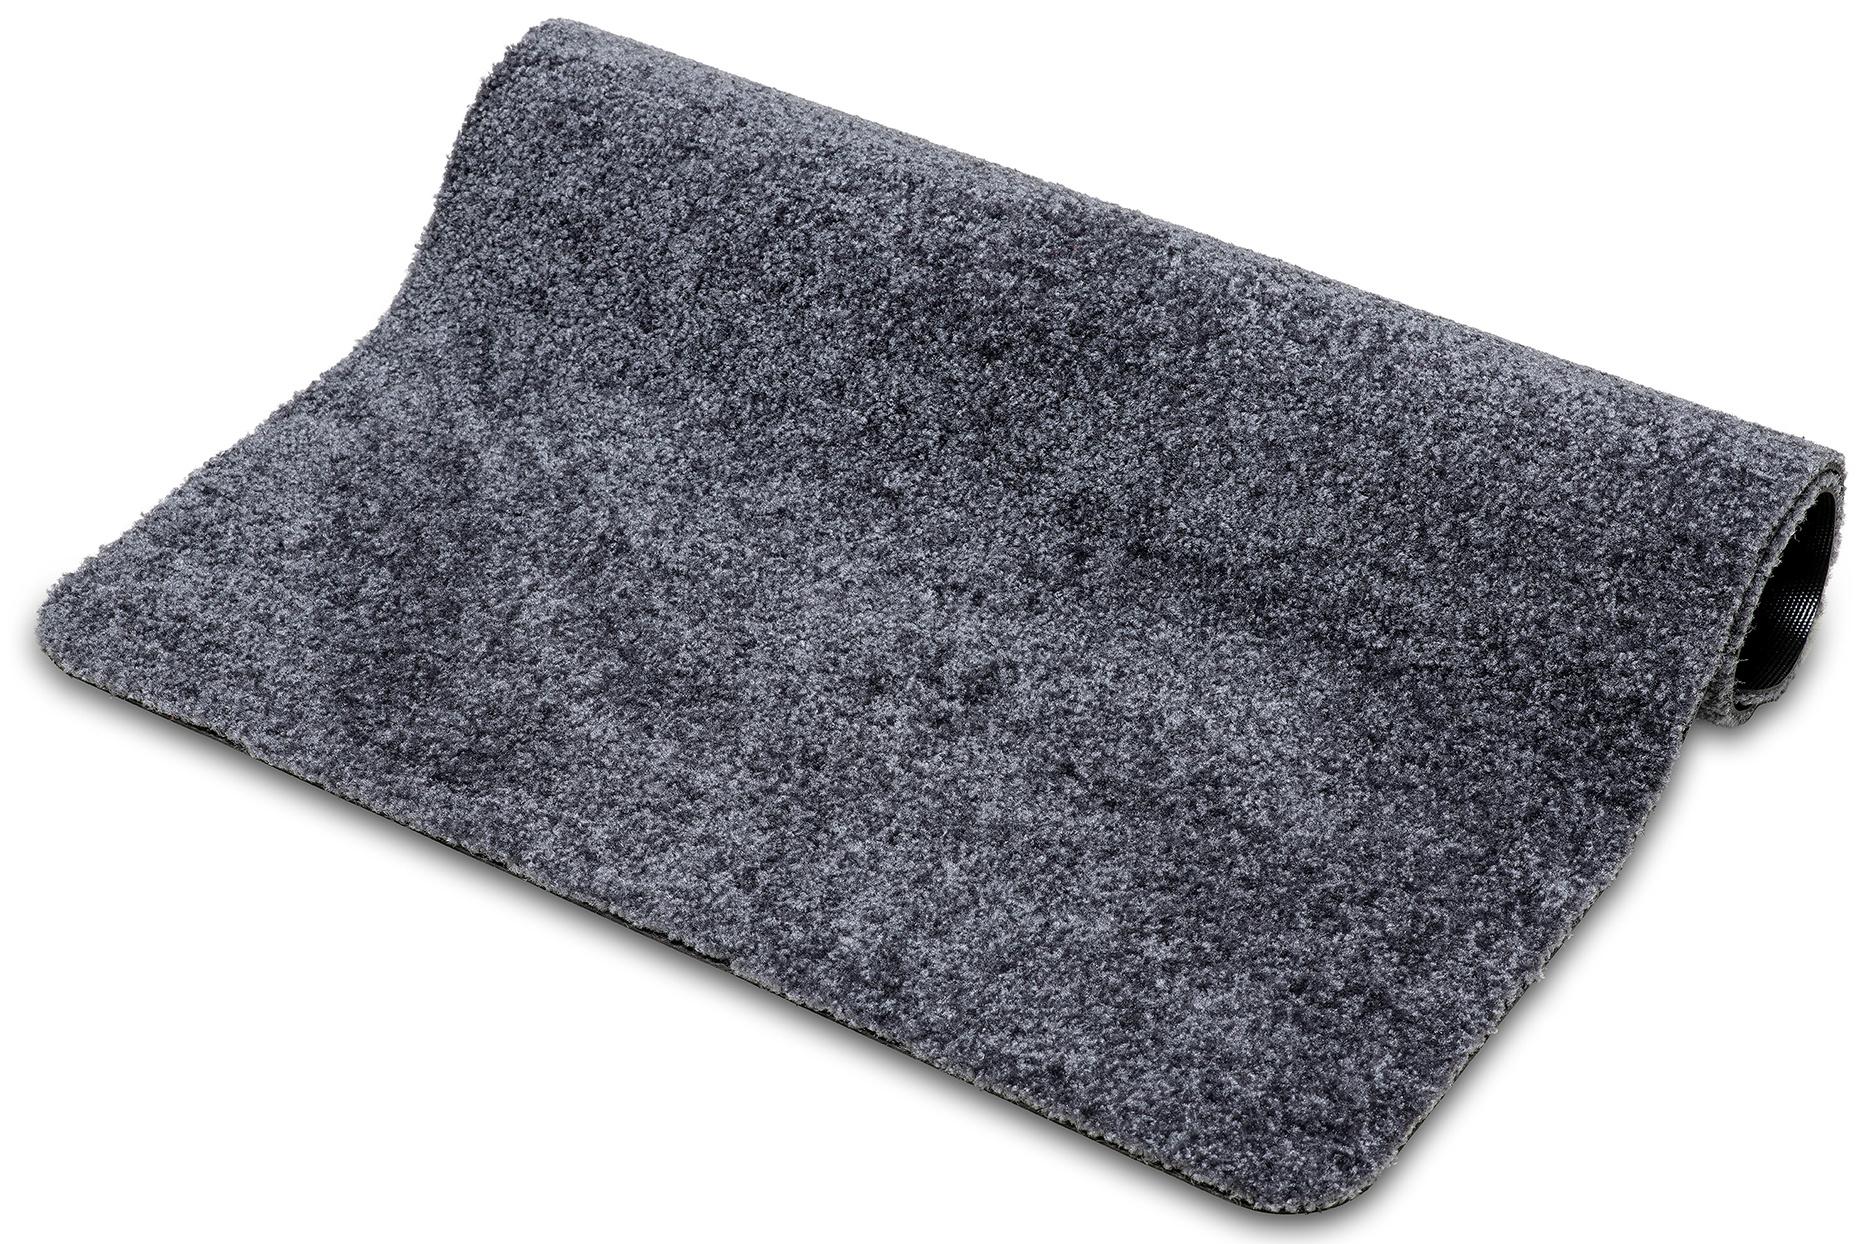 Duschvorhang Nach Maß : t rmatte washclean dunkel grau nach ma 9cm dick 120cm breit ~ Watch28wear.com Haus und Dekorationen